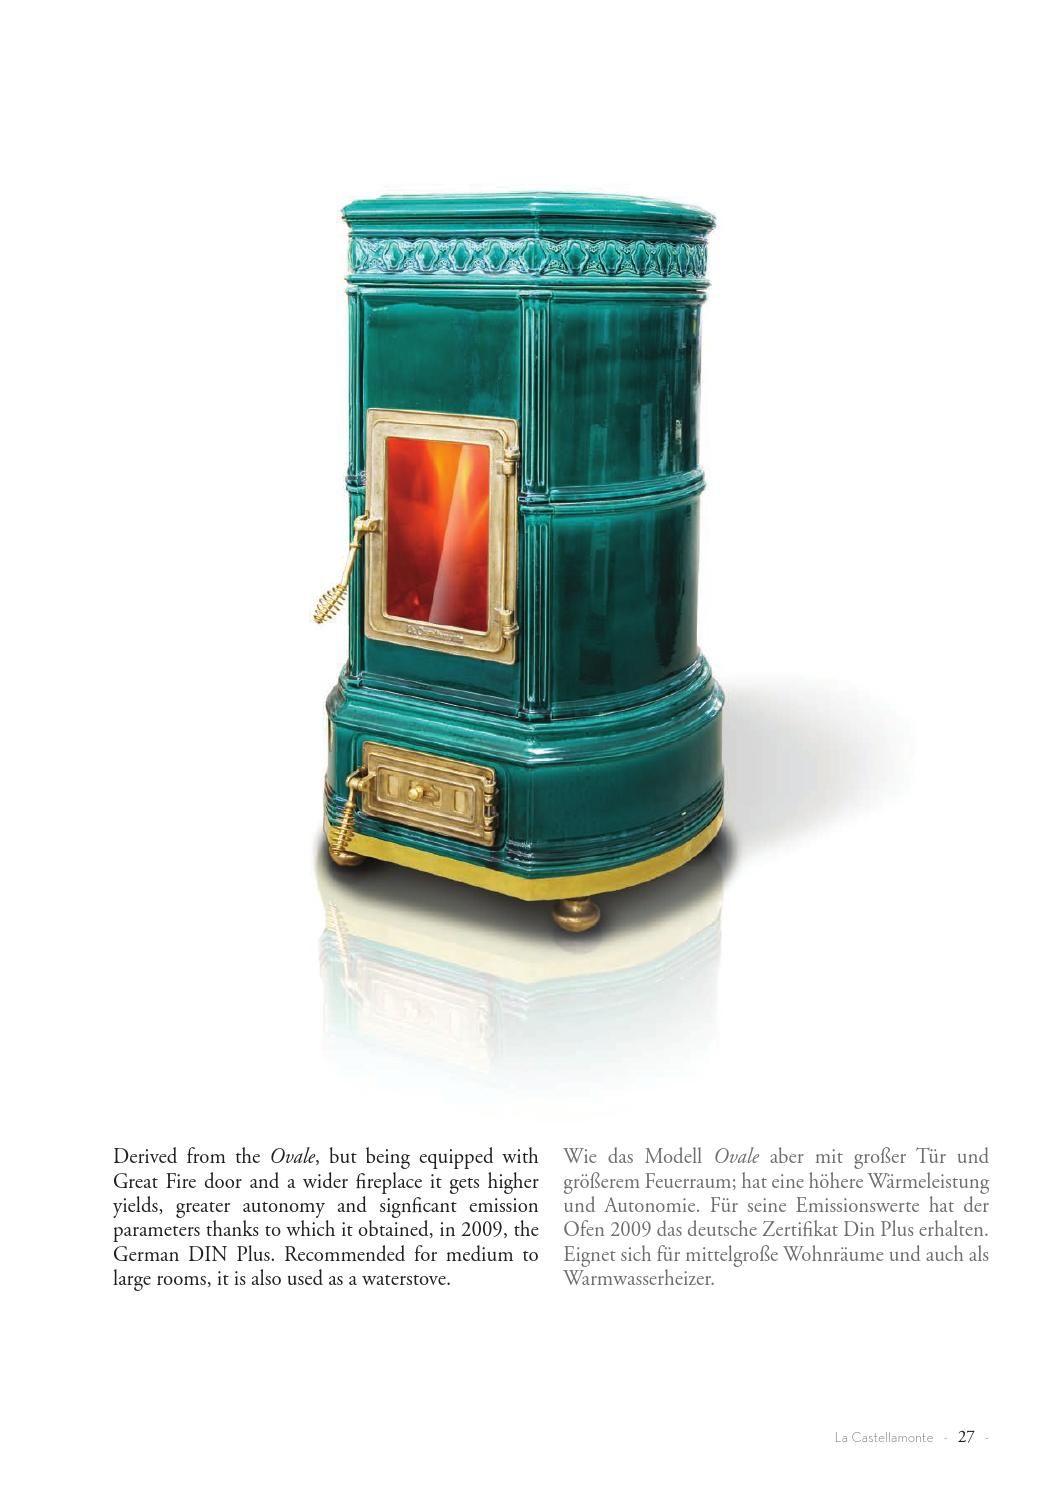 die klassischen kachelofen von castellamonte sind echte blickfanger, la castellamonte - 2013 ceramic stoves catalogue - 2013 Öfen katalog, Ideen entwickeln